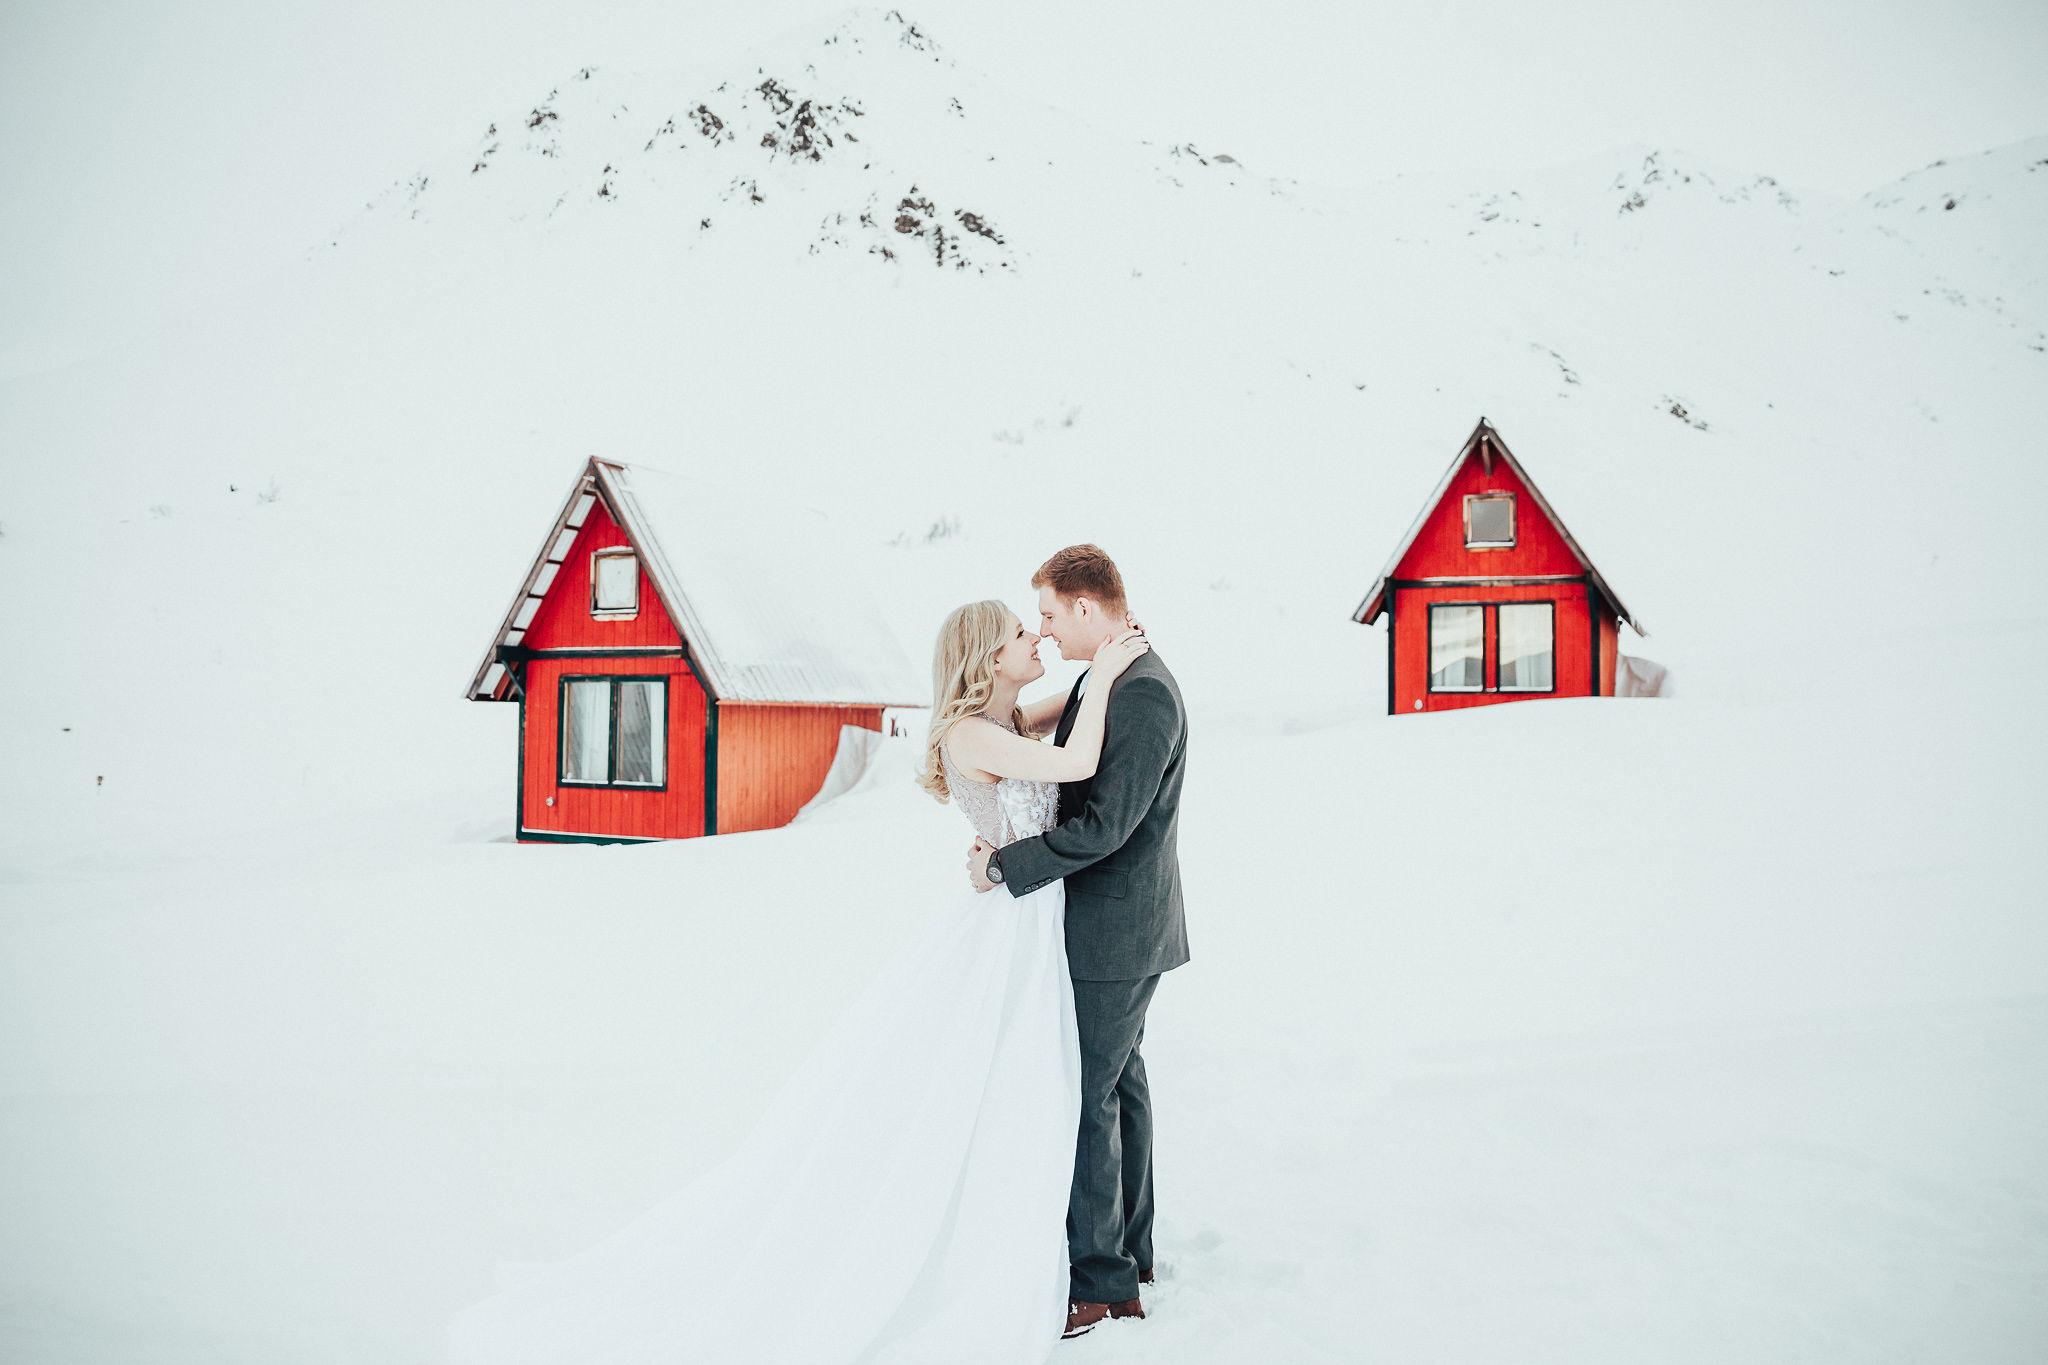 Hatcher Pass, AK elopement